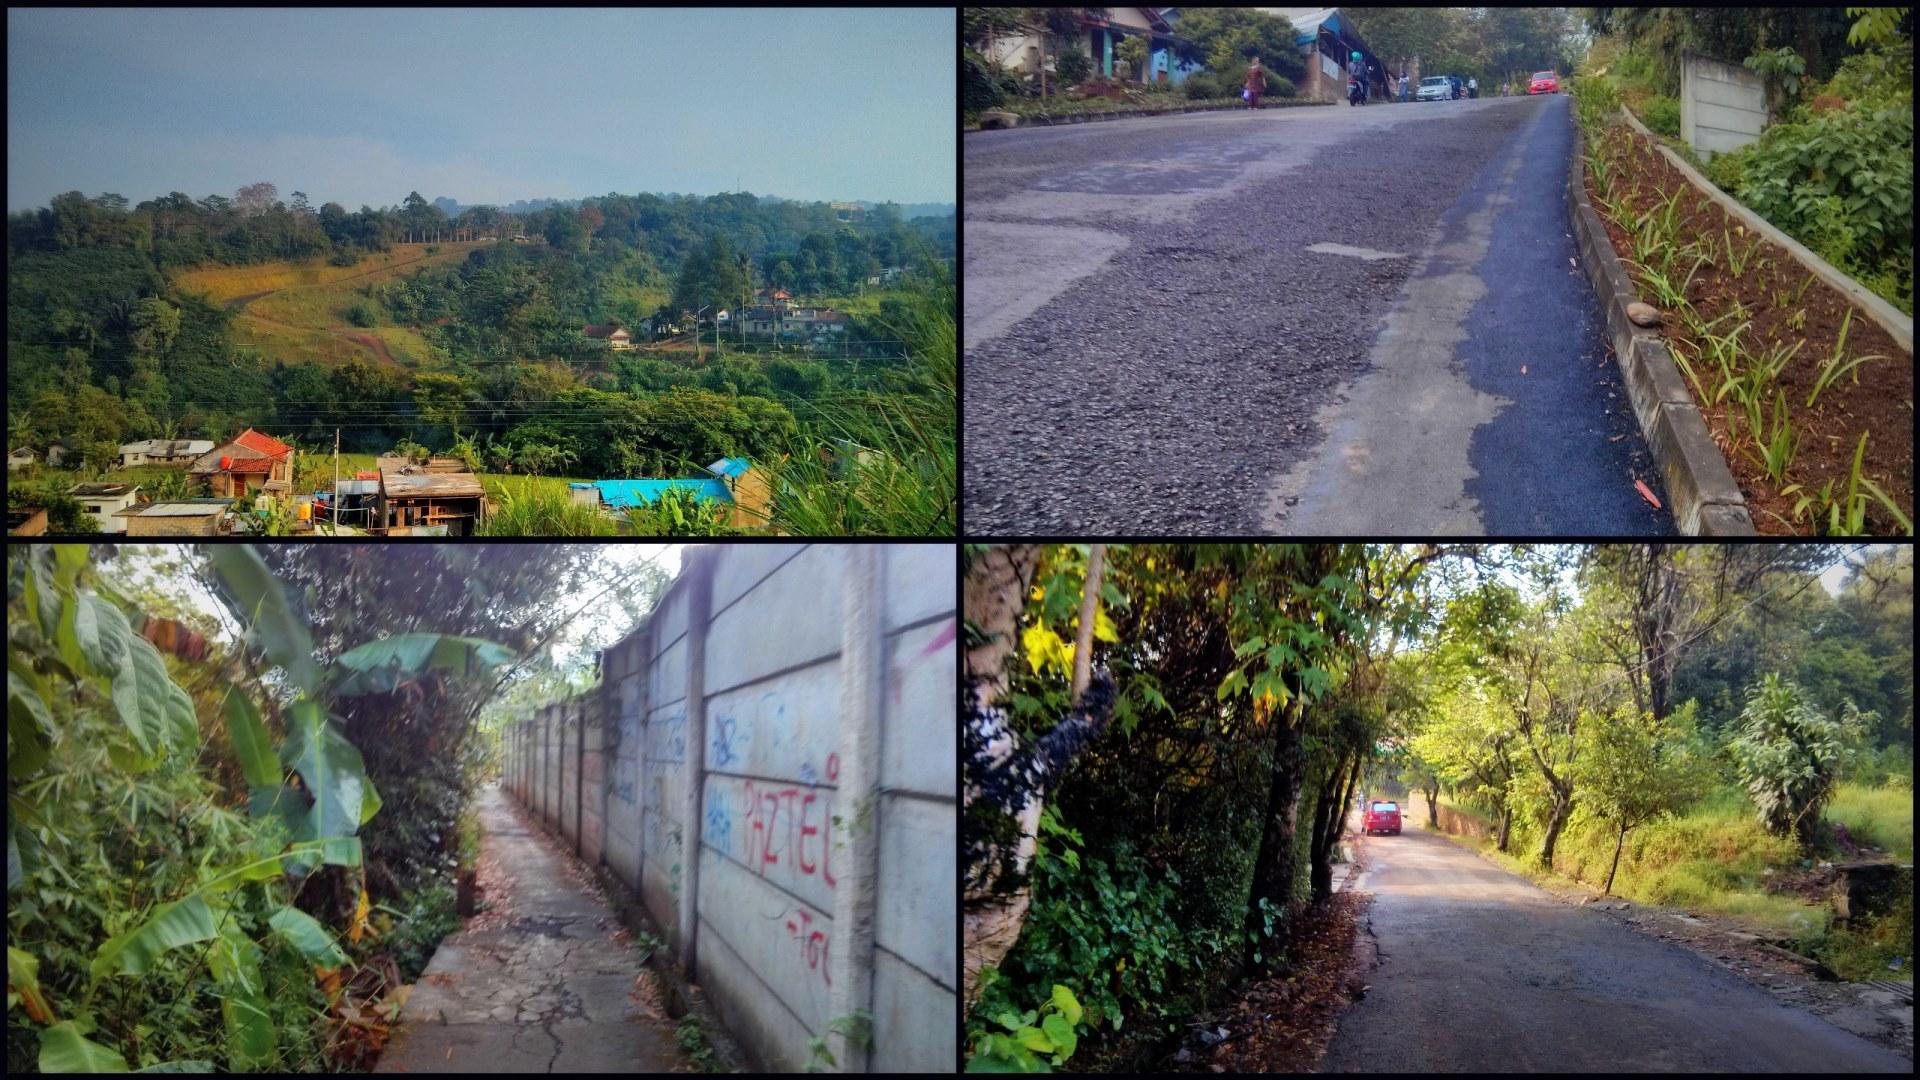 Pemandangan jalan dan sekitar yang dilalui